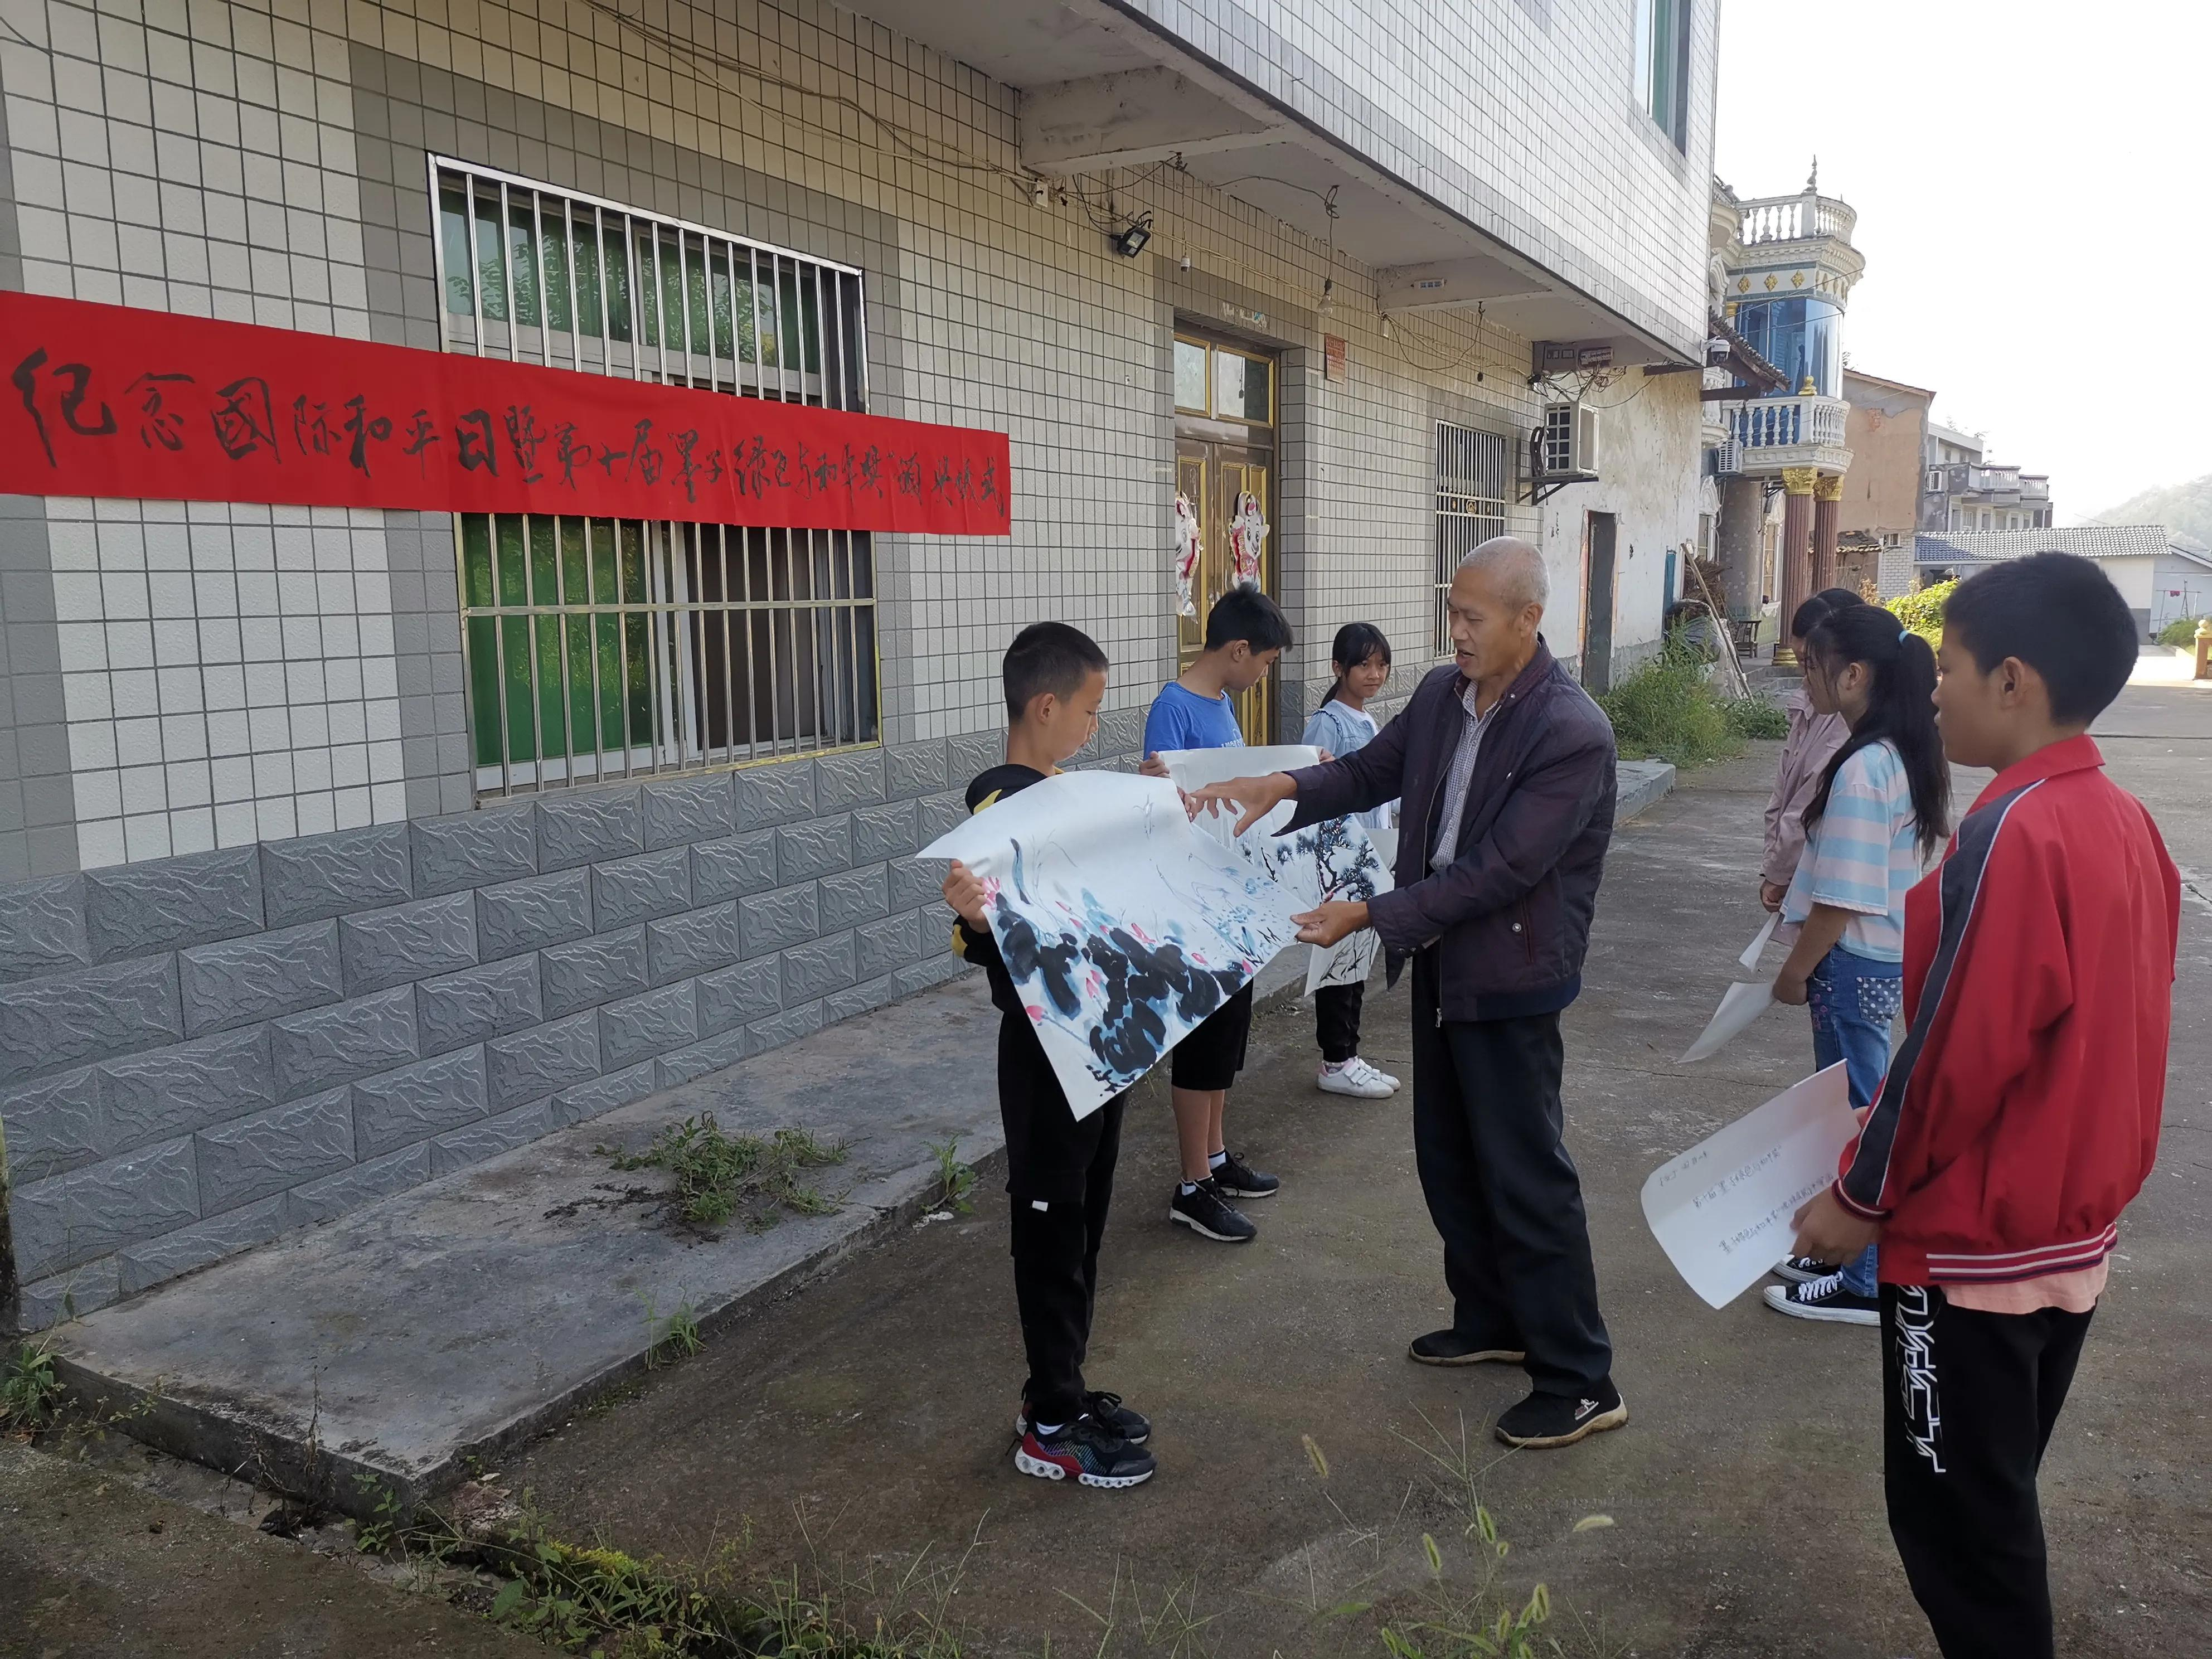 和平日与中秋节相遇,这个奖在西河村颁发